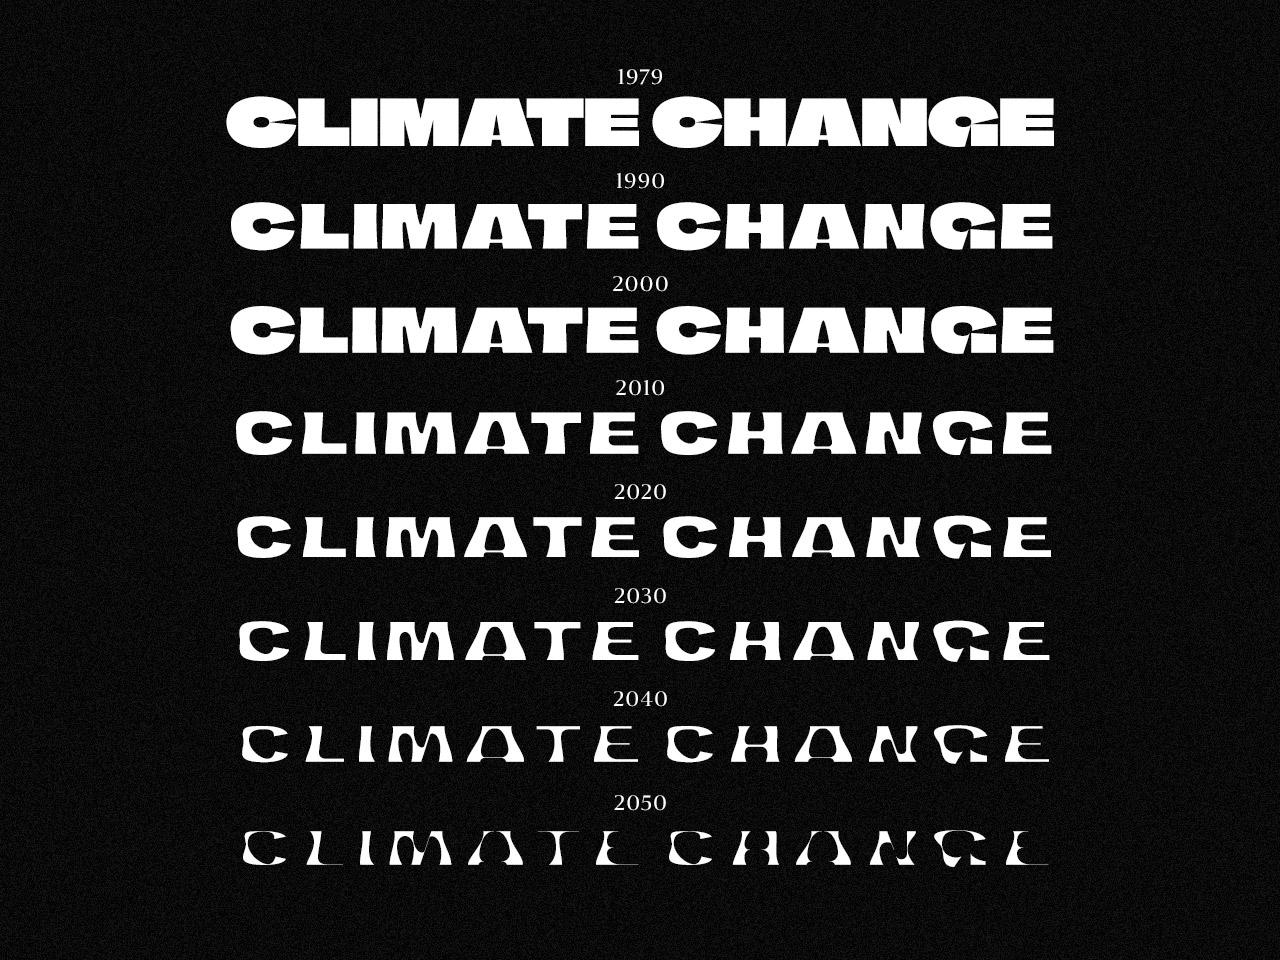 У Фінляндії створили шрифт, товщина літер якого показує темпи глобального потепління